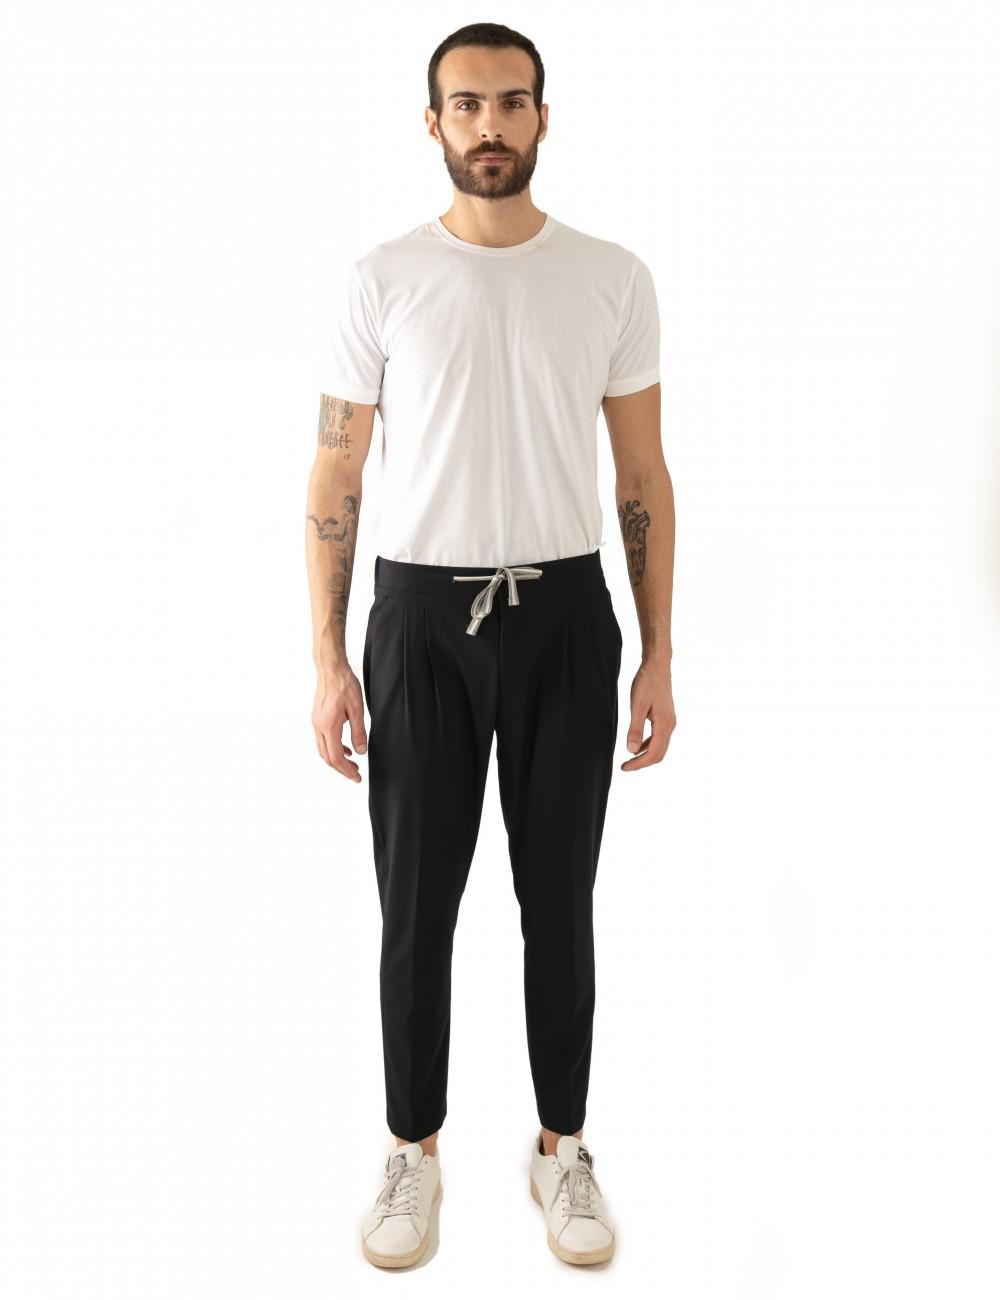 Pantaloni Ali mod.Partenope n.25 nero  con doppia pinces indossato frontale